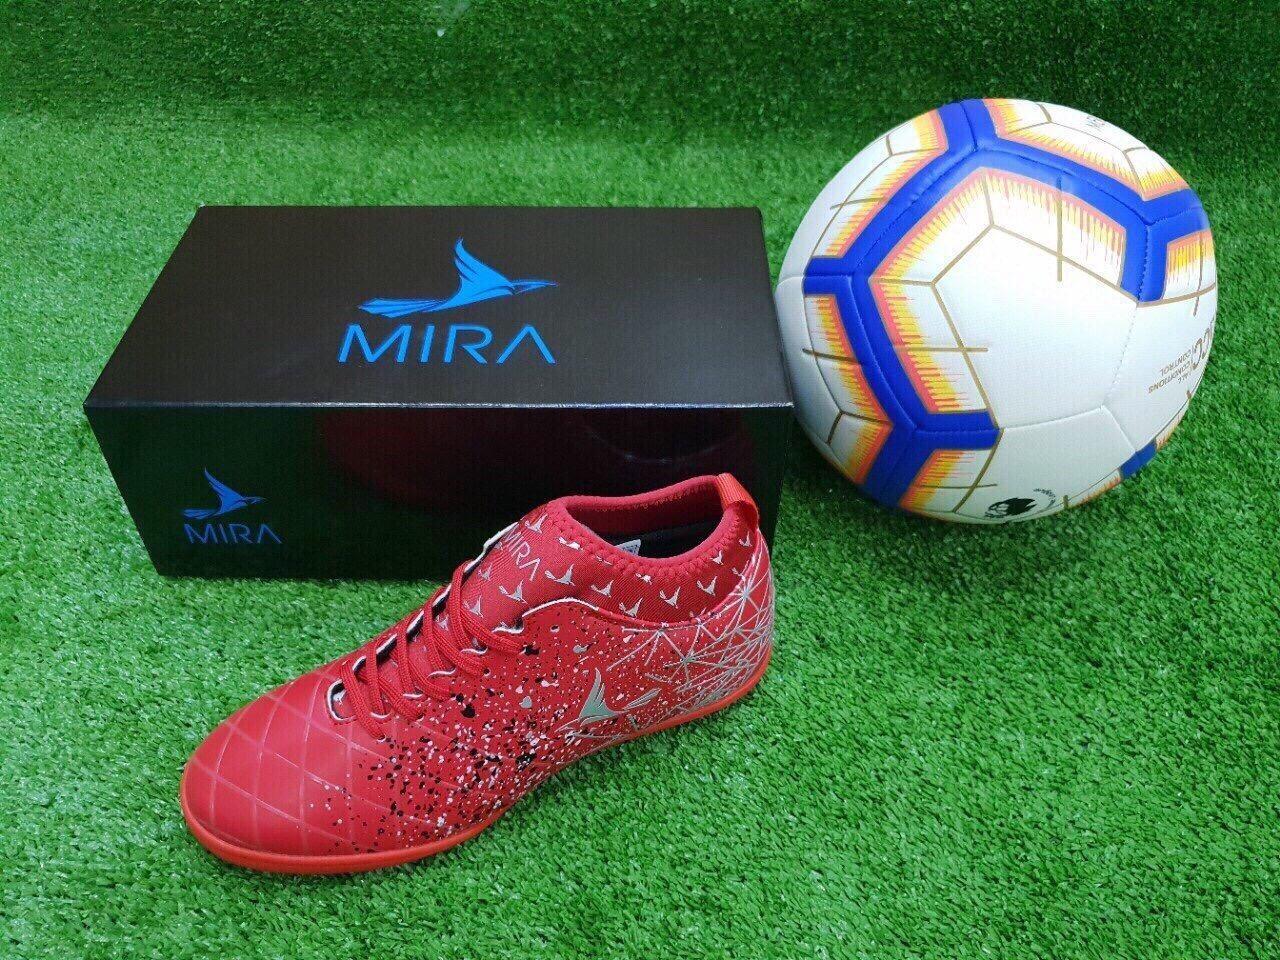 Giầy bóng đá sân cỏ nhân tạo MIRA 03 màu đỏ khâu full đế Nhật Bản